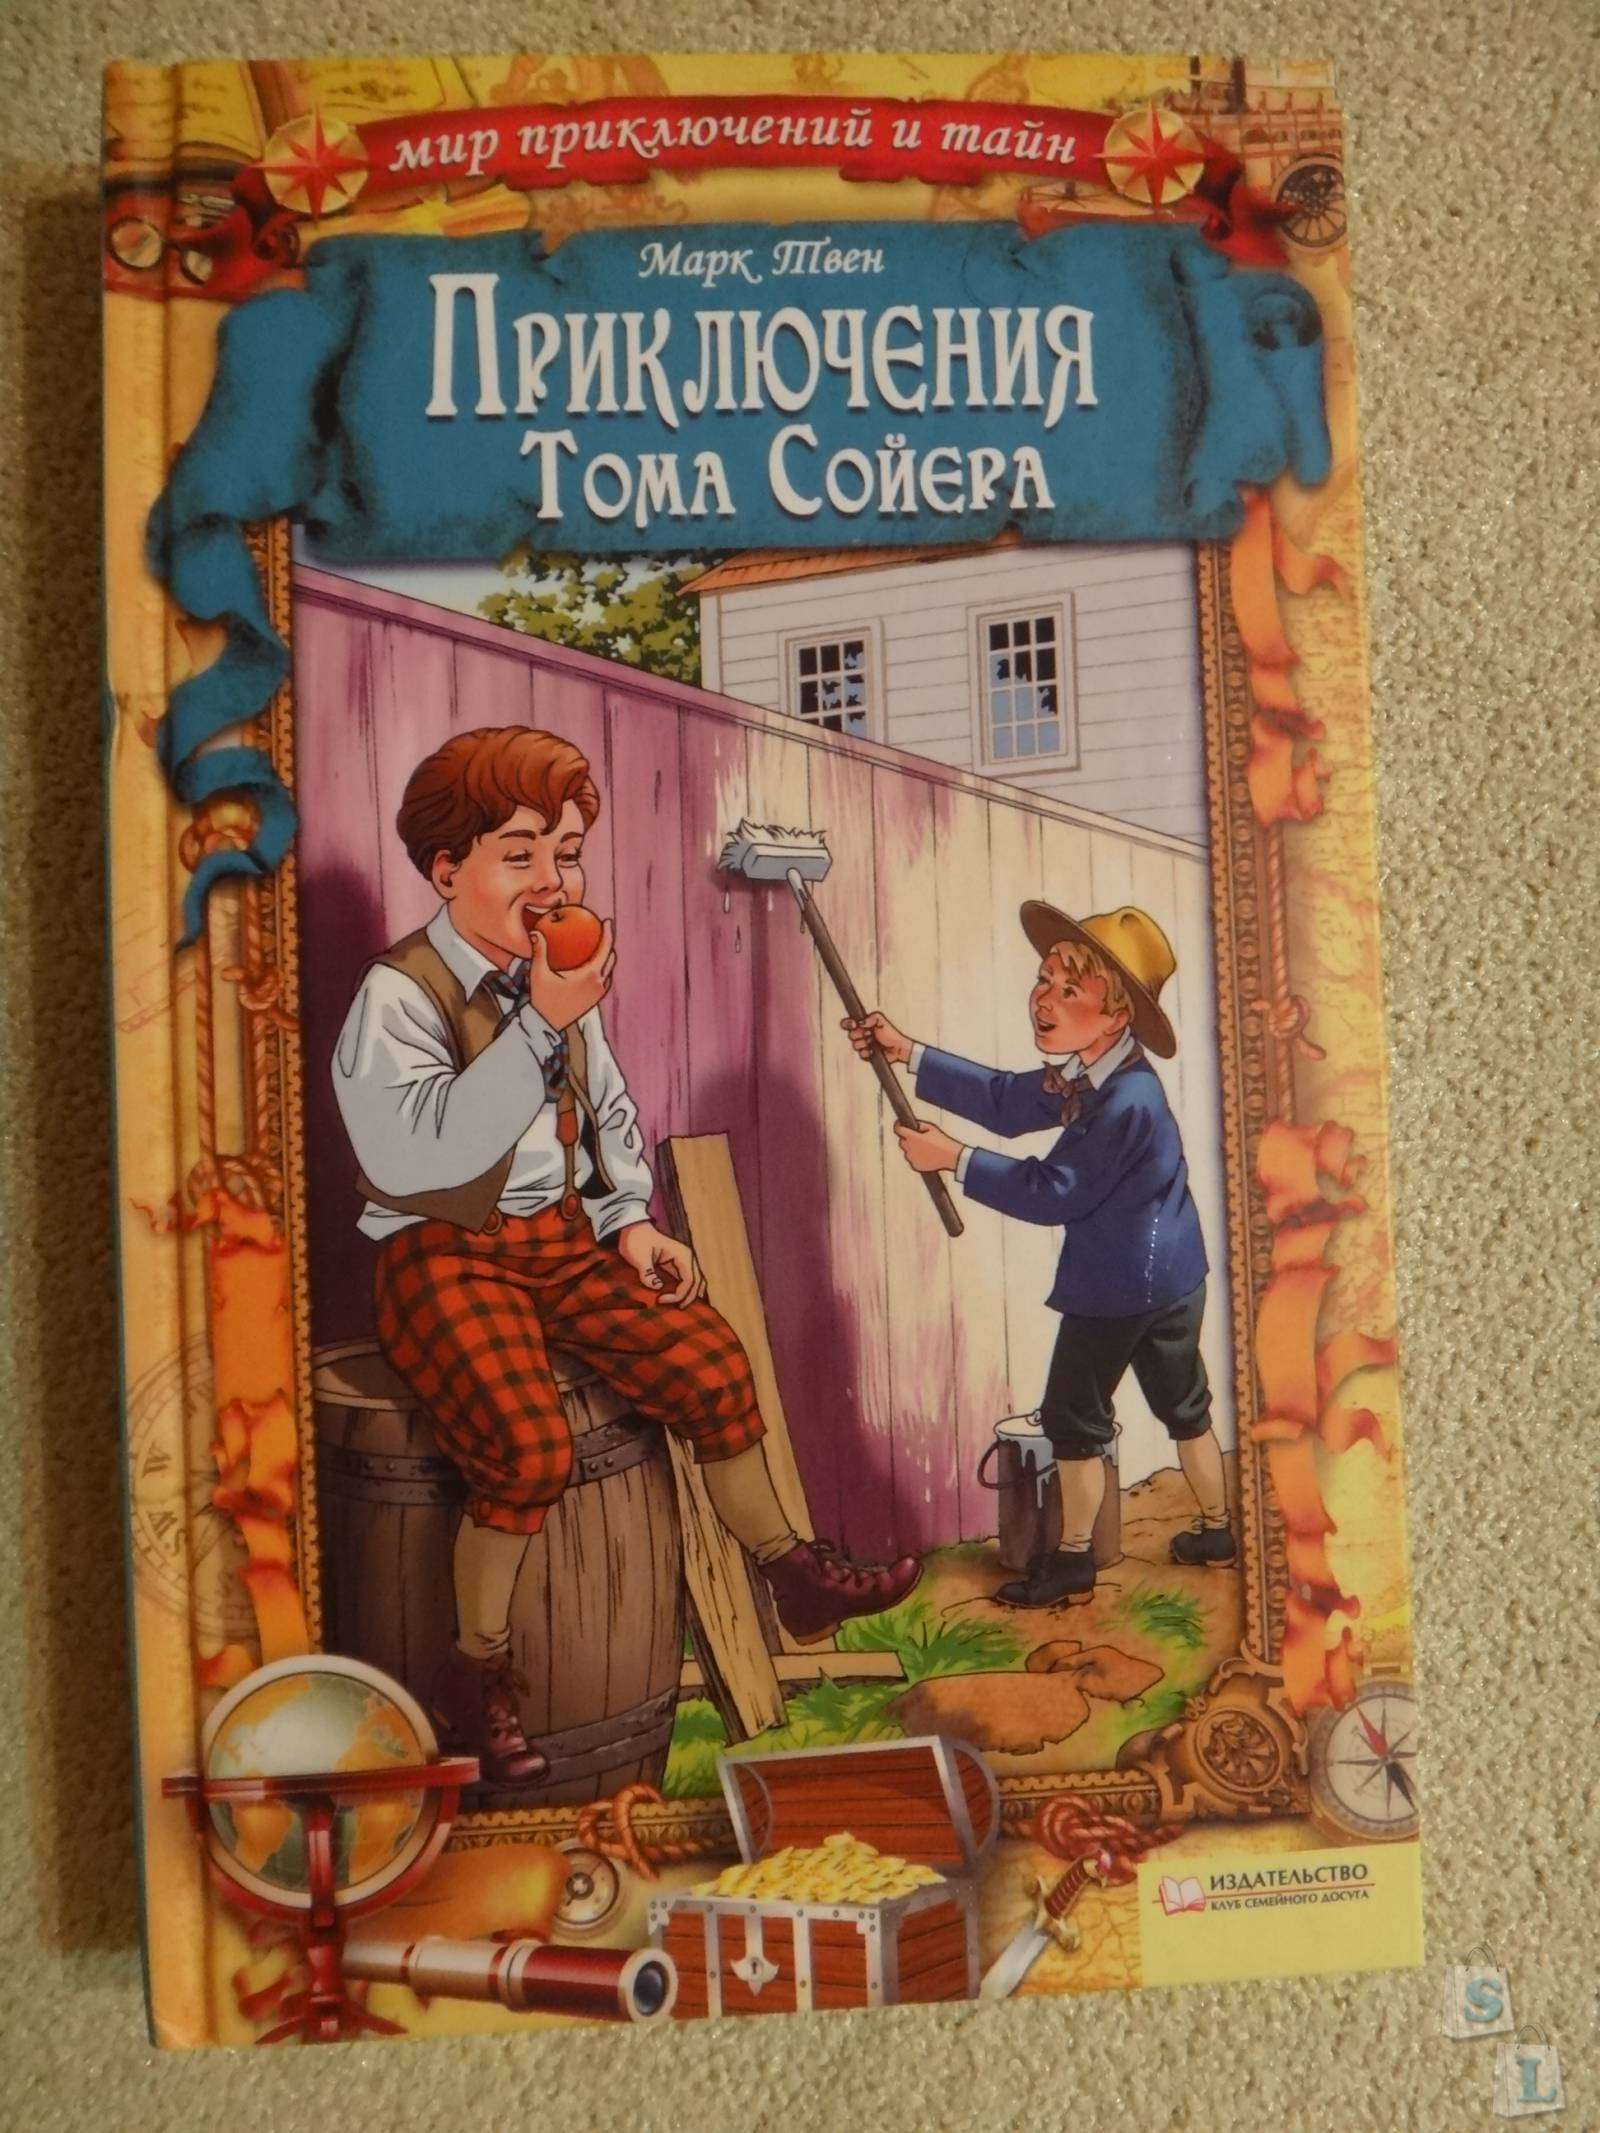 Книжный Клуб «Клуб Семейного Досуга»: Обзор книг  заказанных в книжном клубе 'Книжный клуб семейного Досуга'